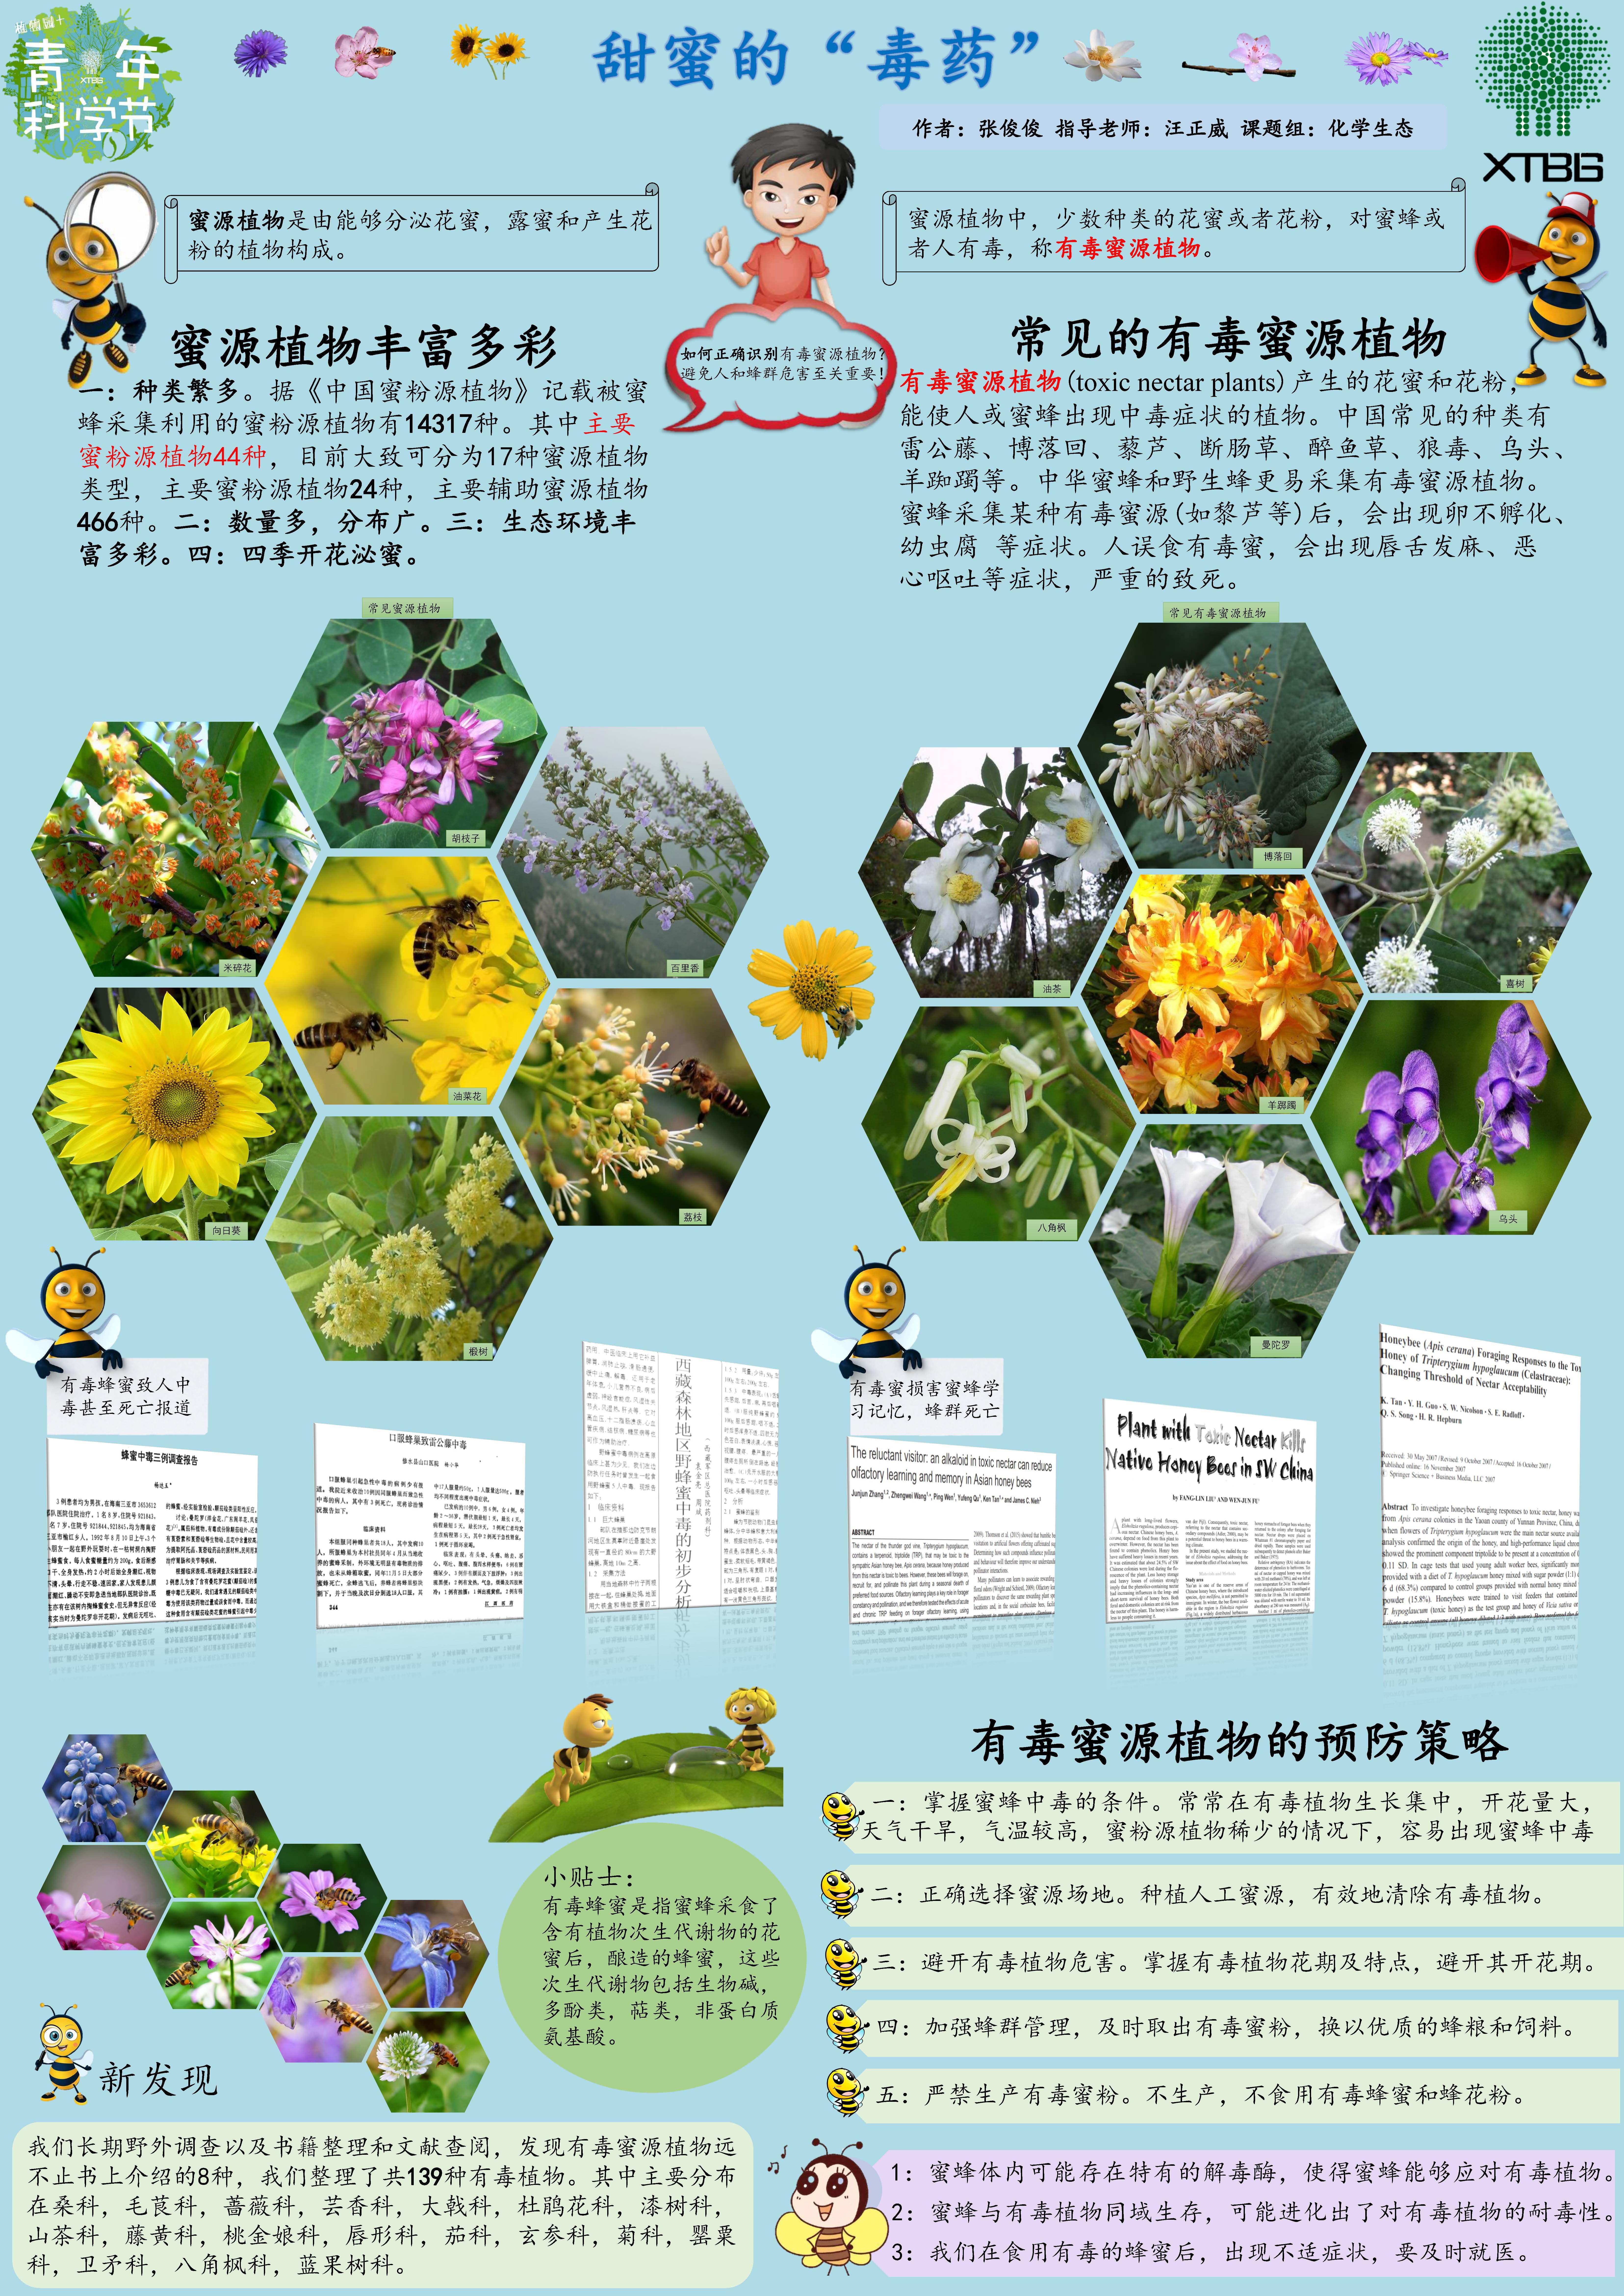 蜜蜂的花花世界(作者:张俊俊)